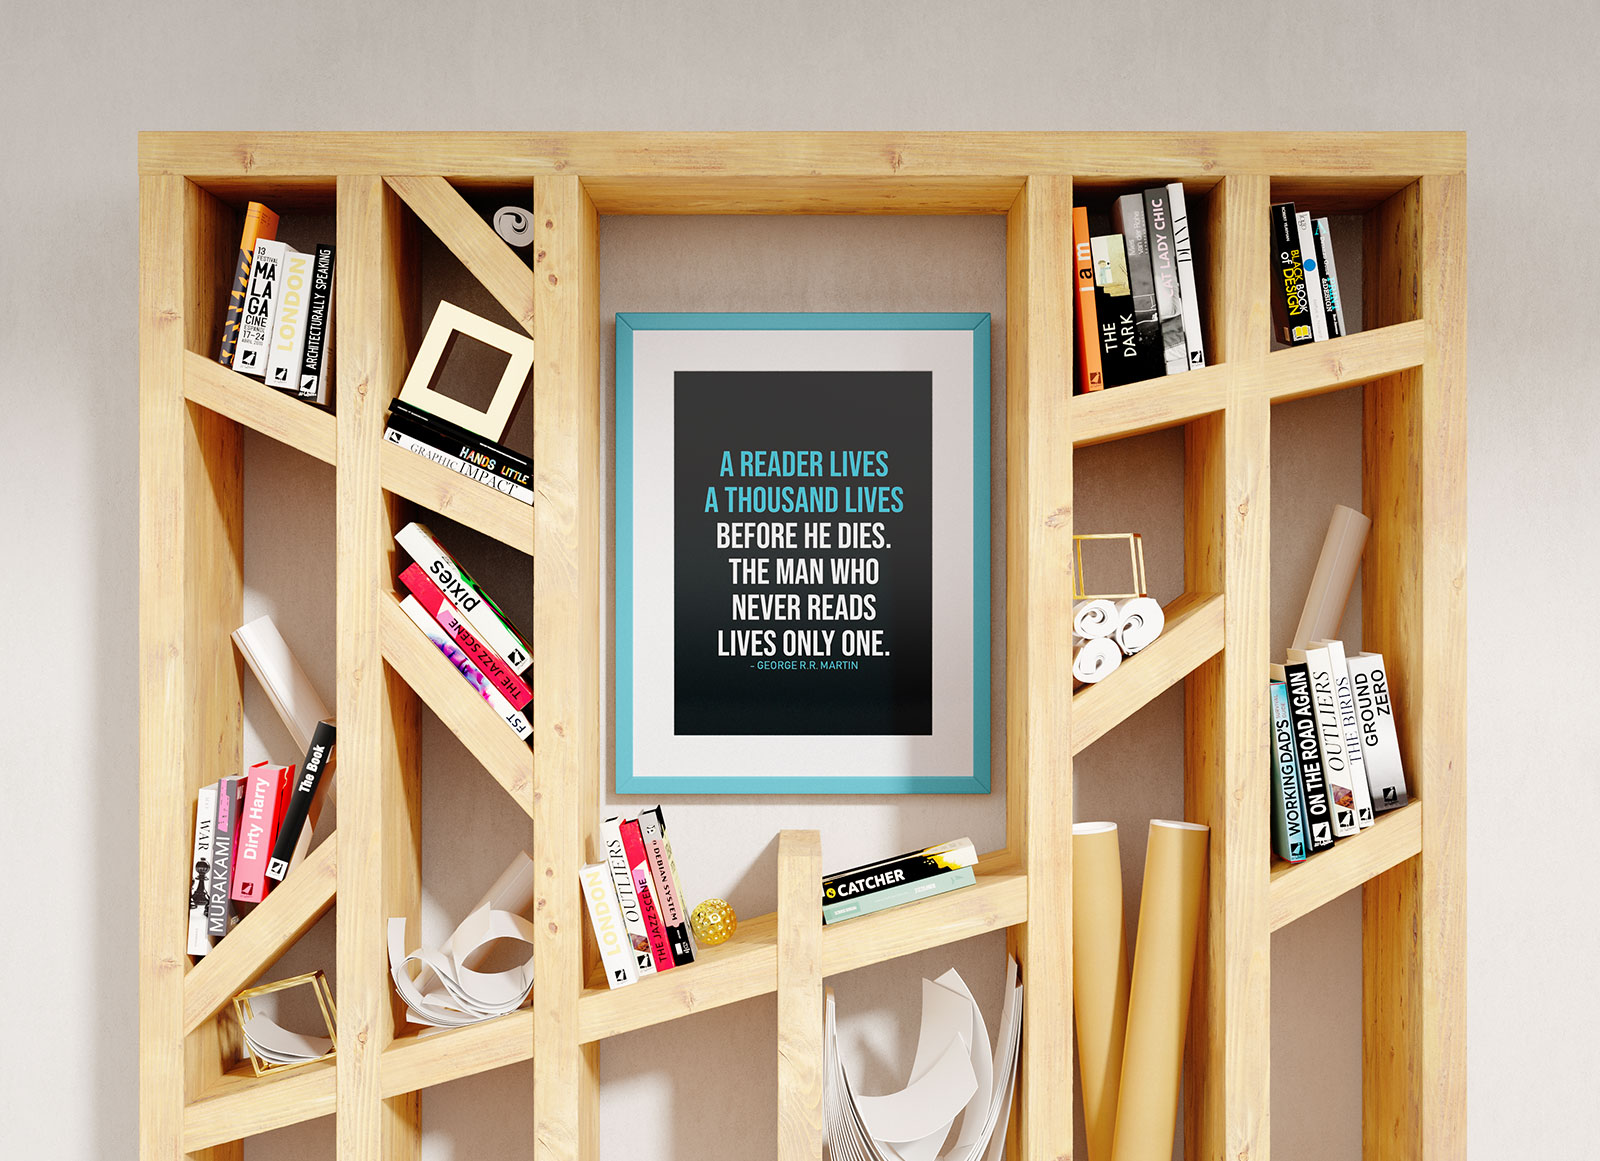 Poster Mockup In Book Shelf